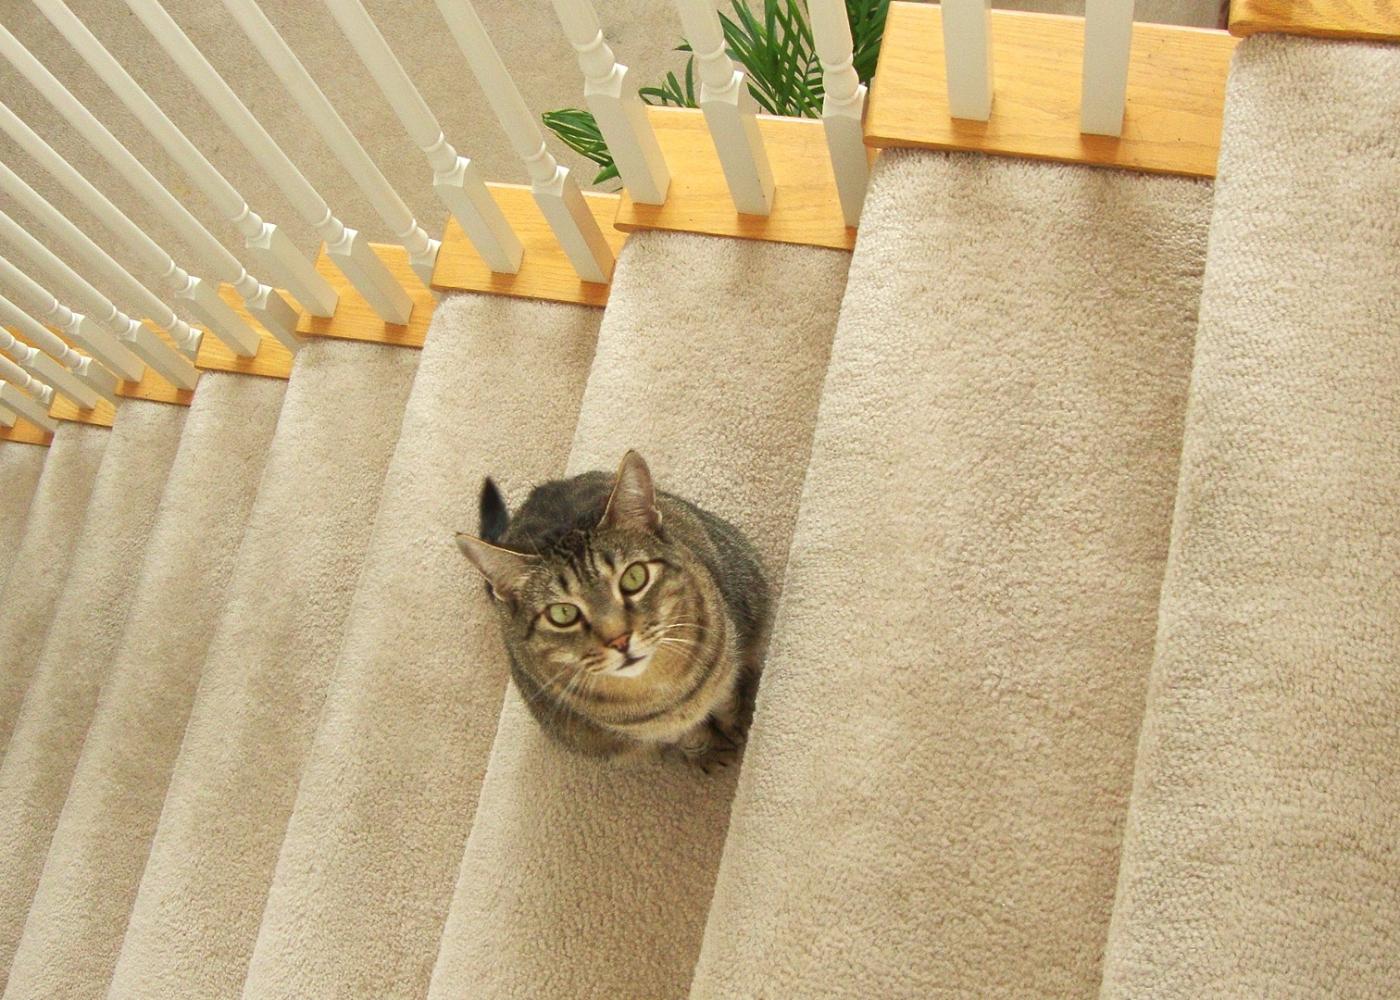 【晓鸣摄影】安逸的小猫猫_图1-3